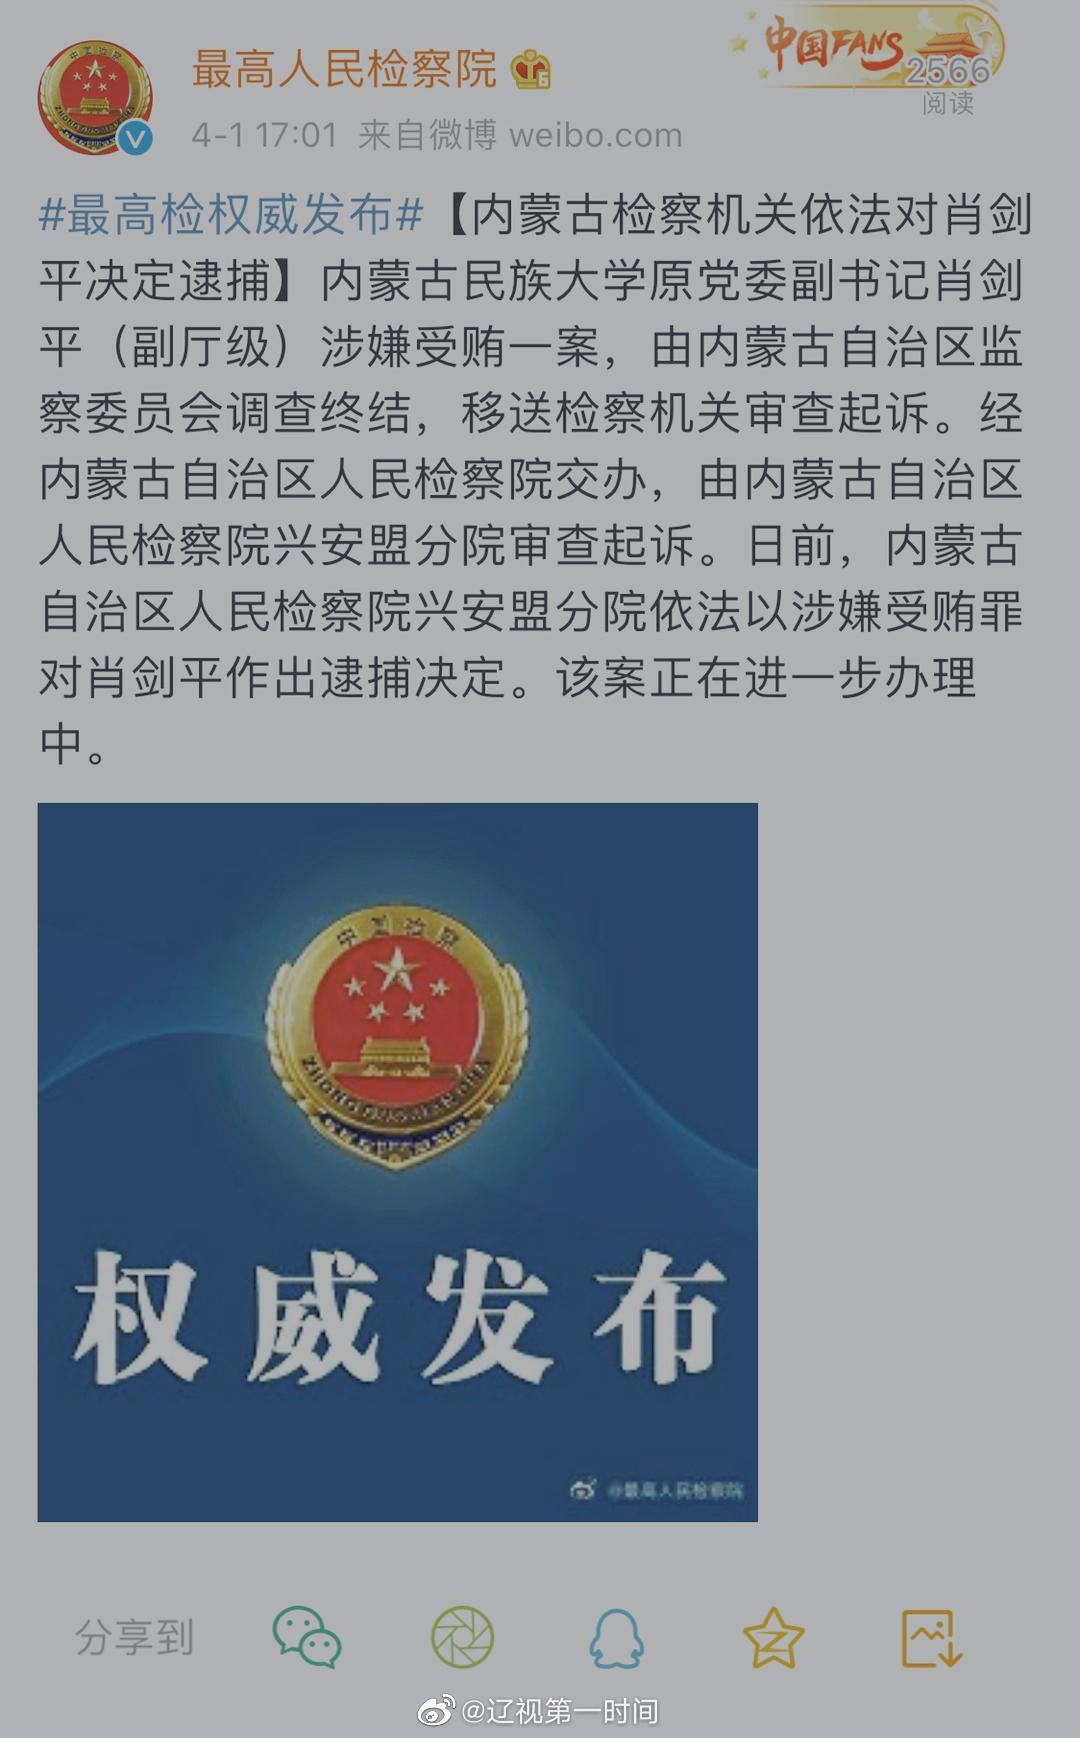 内蒙古民族大学原党委副书记肖剑平被决定逮捕退休4年后被查